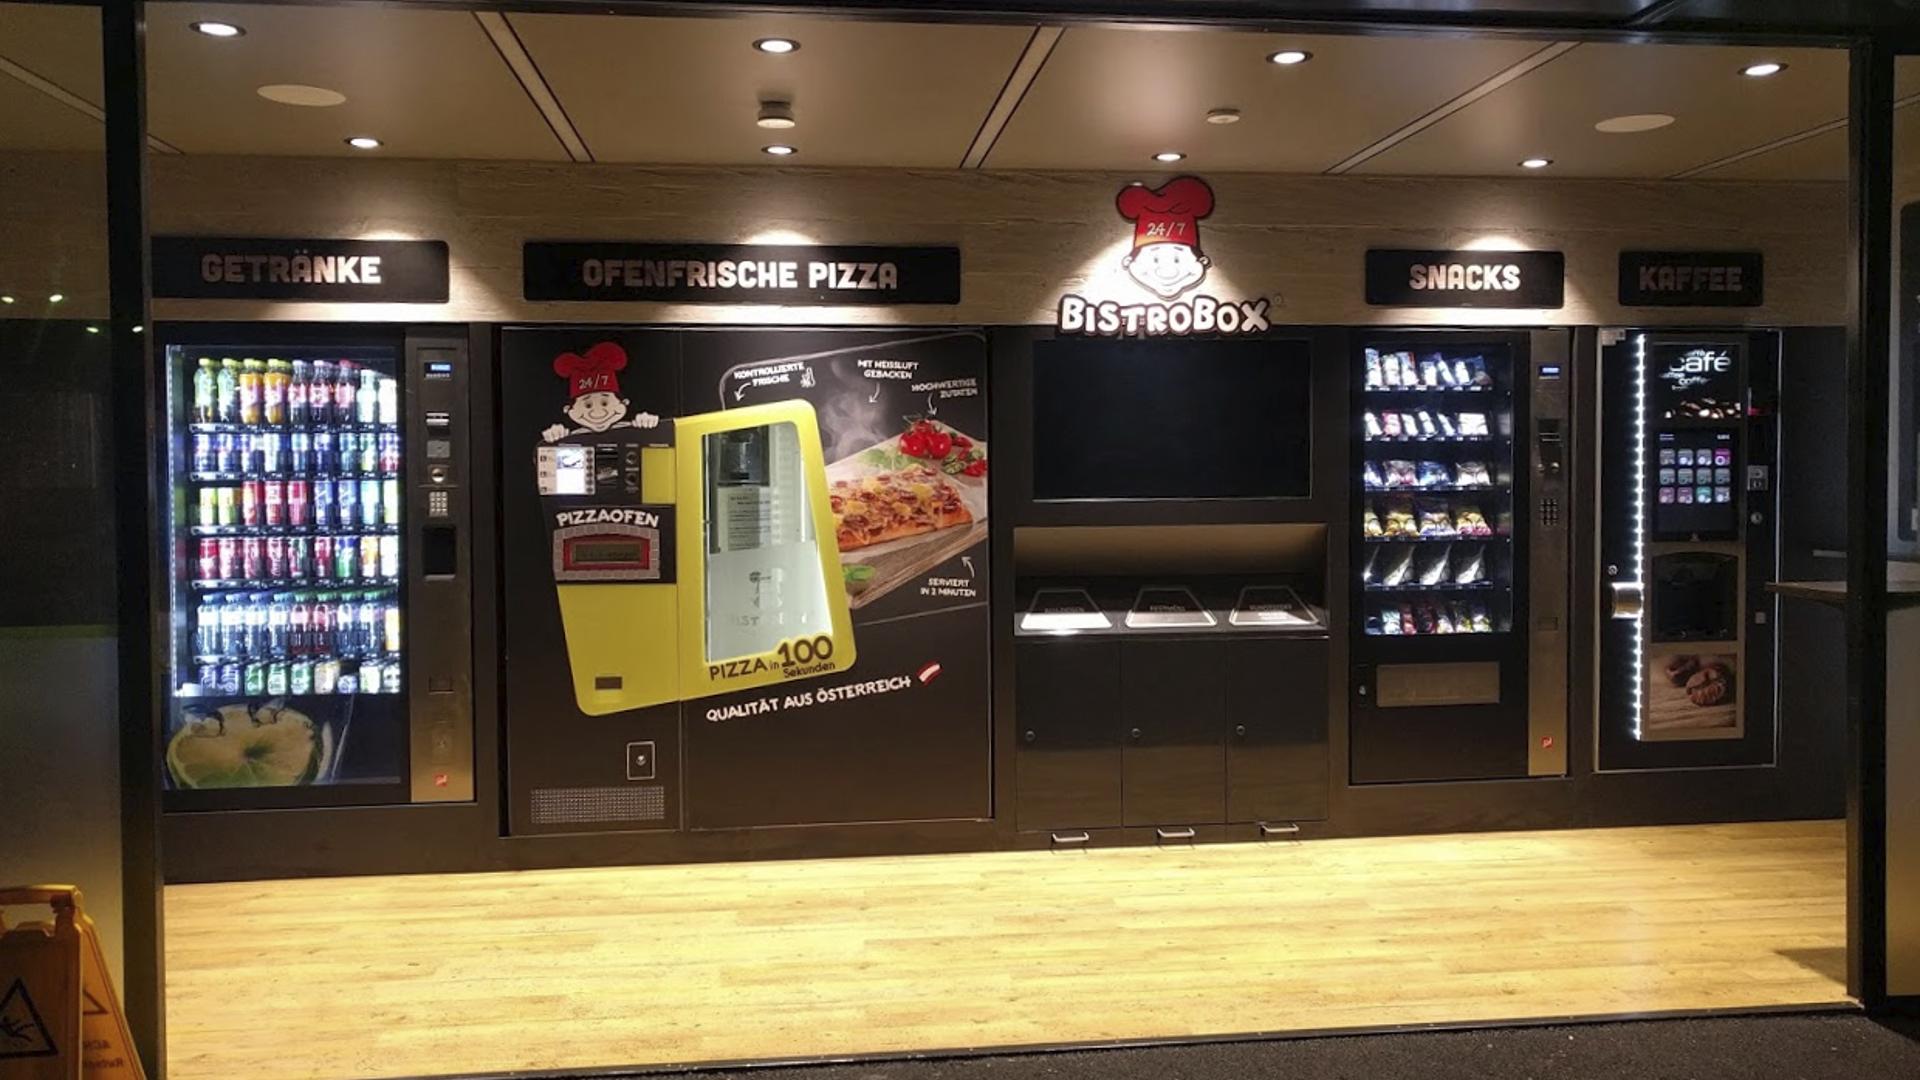 Tiefkühlpizza-Automaten-Restaurant-Bistrobox